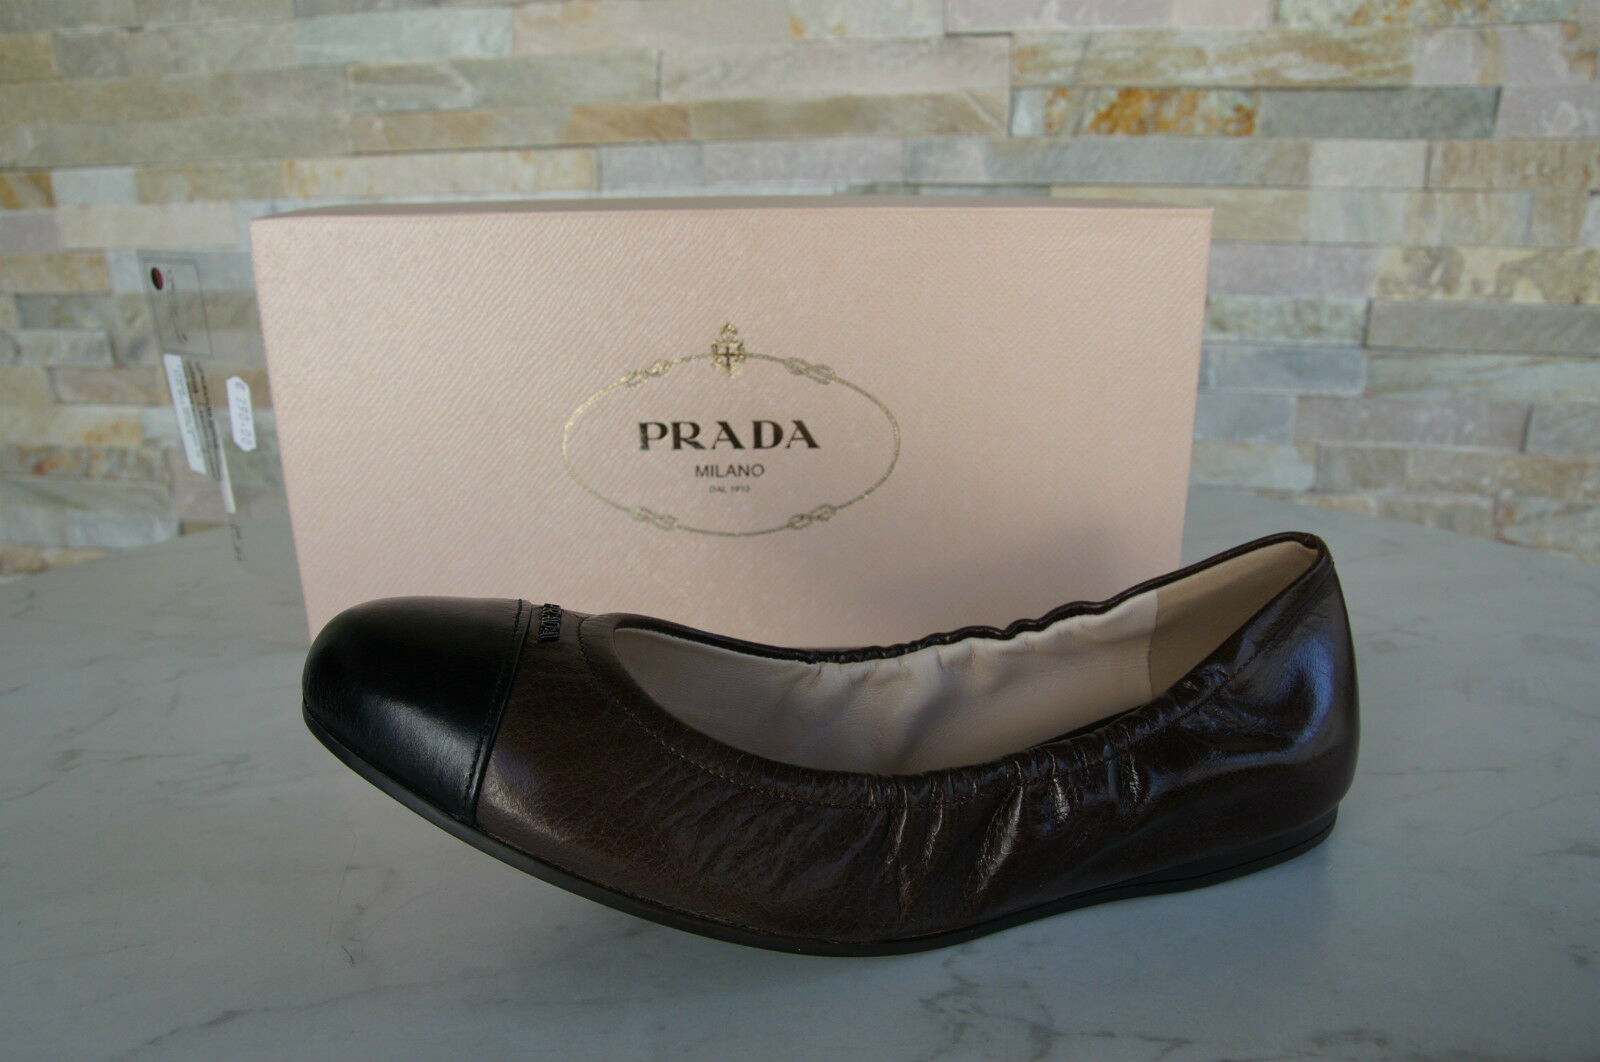 PRADA Gr 37,5 37,5 37,5 Ballerinas Slipper Schuhe shoes 1F253E schwarzbraun NEU 69a061